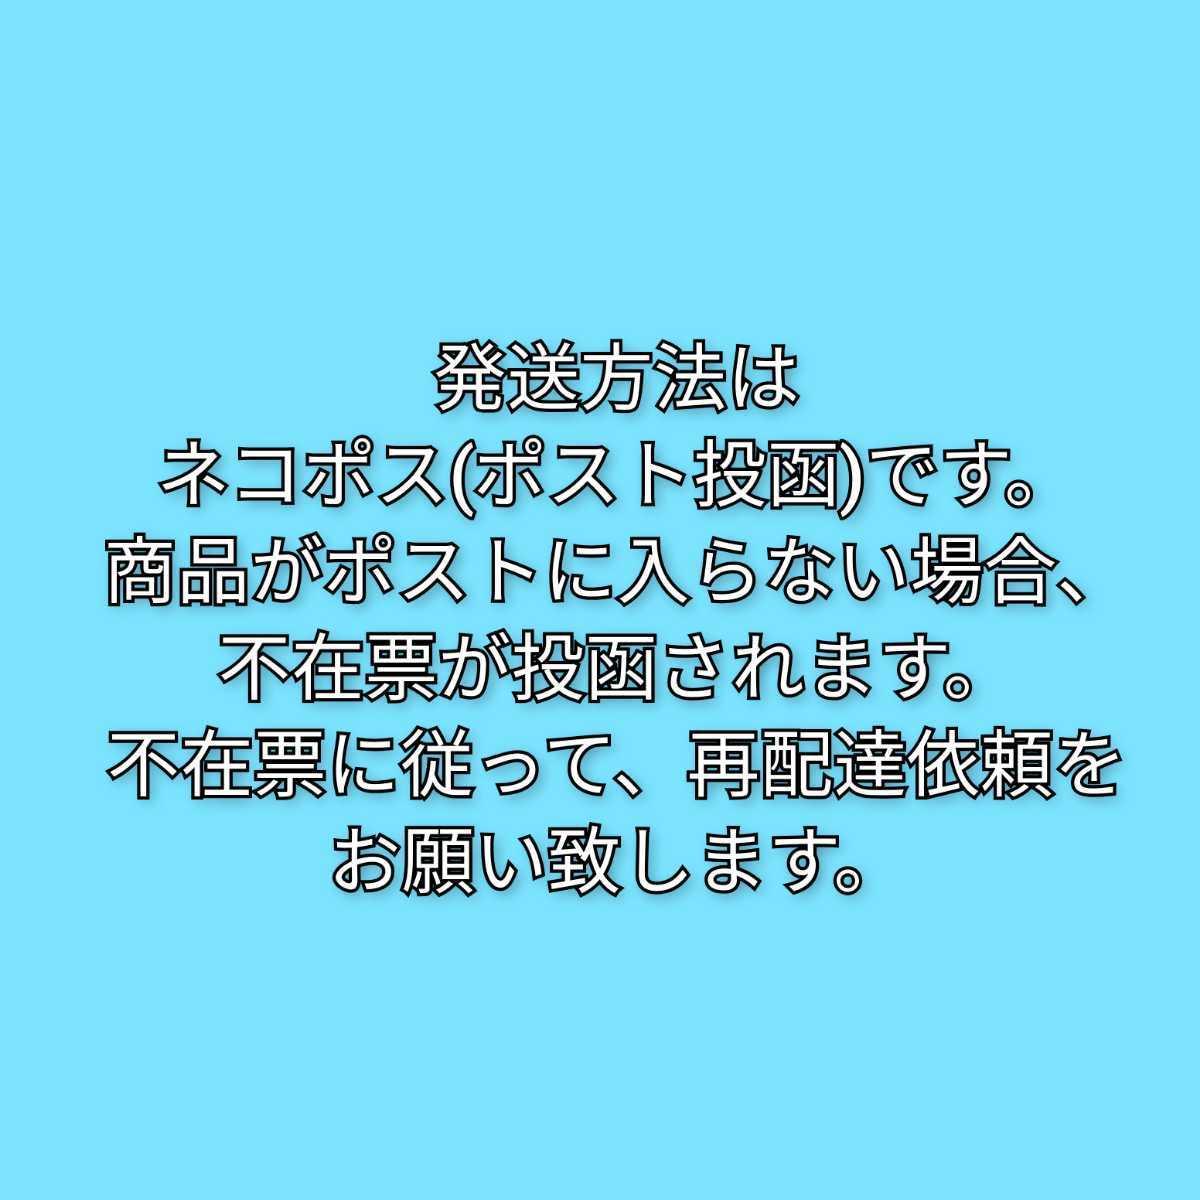 24袋 ビクトリーブレンド 澤井珈琲 ドリップコーヒー コーヒー_画像3